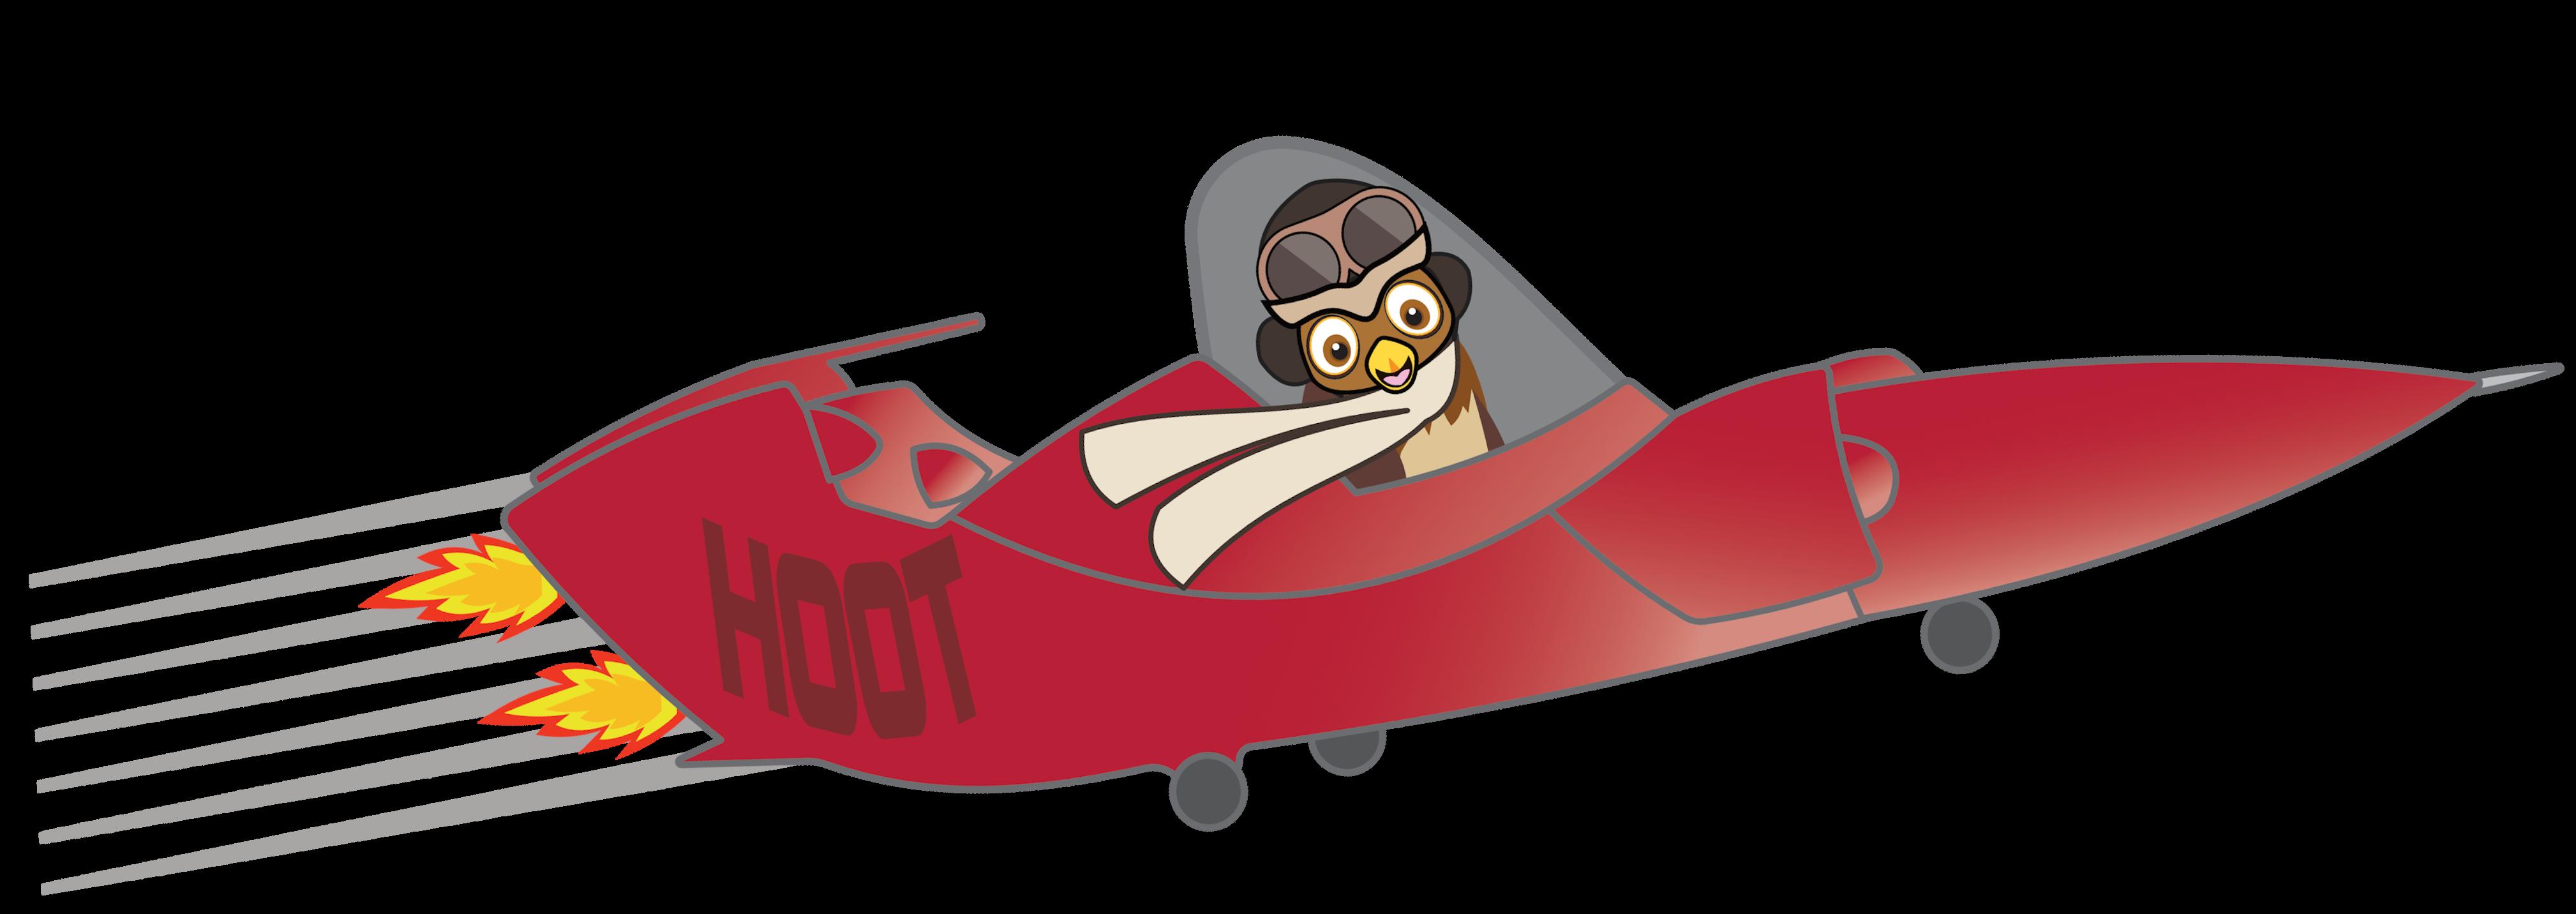 Owl in a flying car